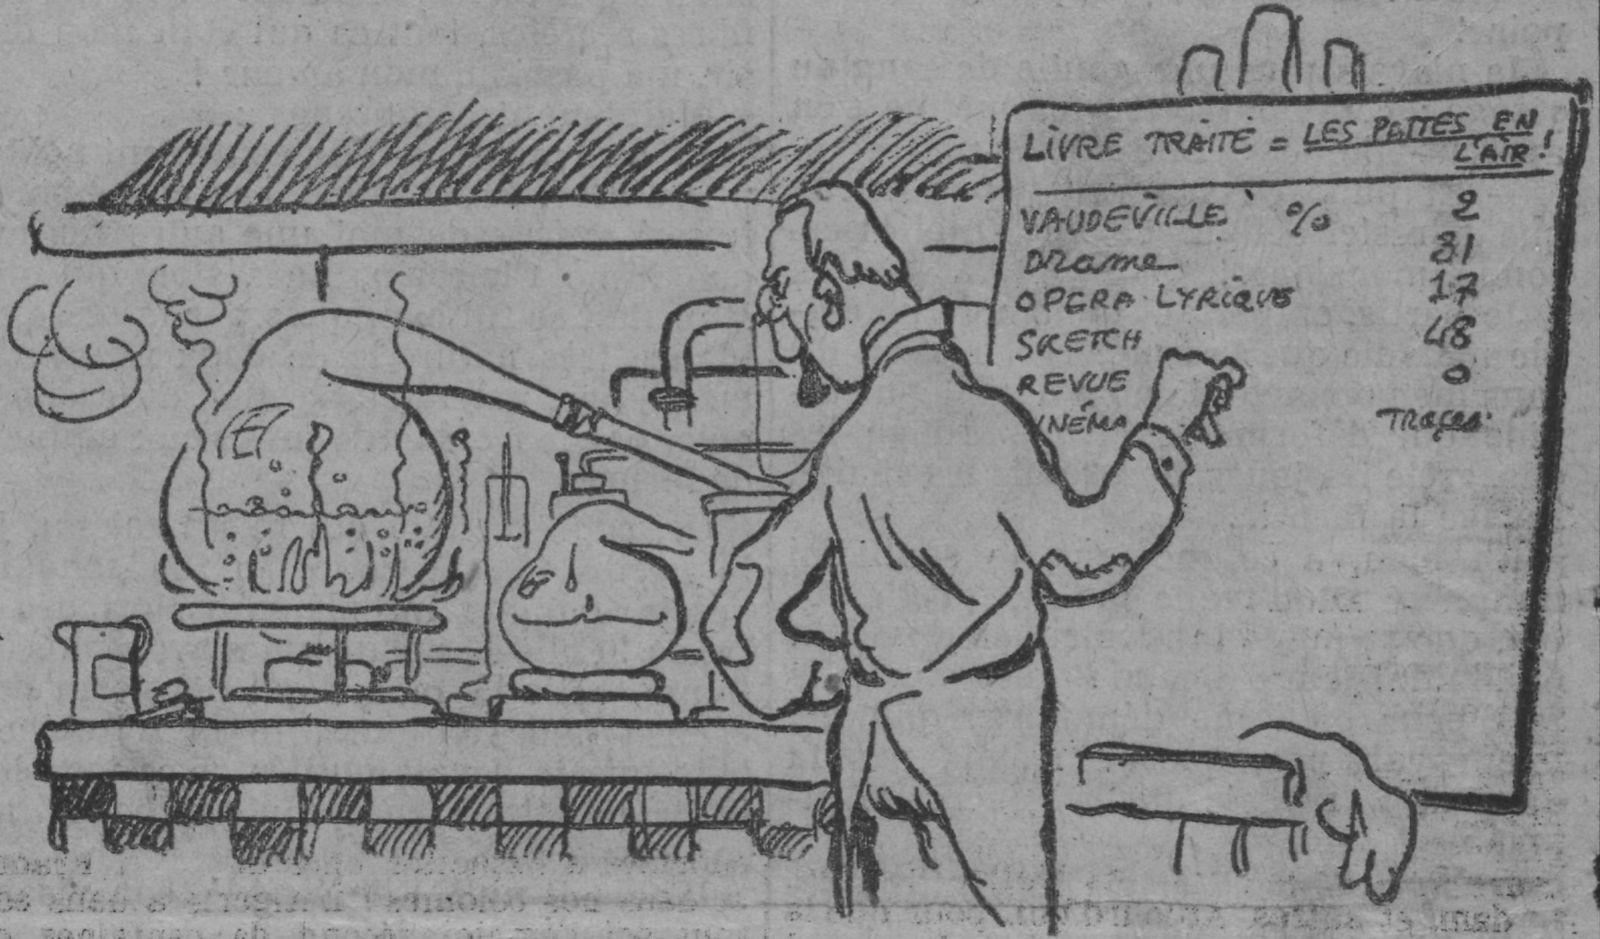 (Texte et dessins de) Gus Bofa - La S.U.S.P.D. (1911)